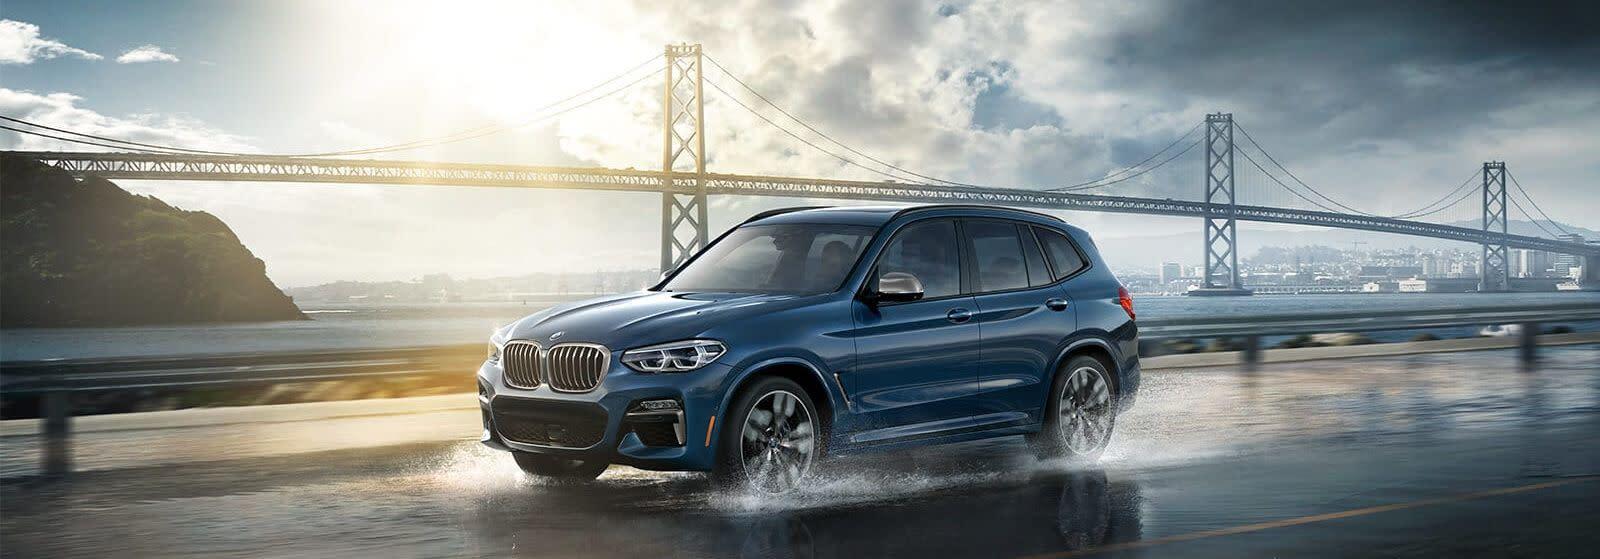 2019 BMW X3 Financing near Orlando, FL